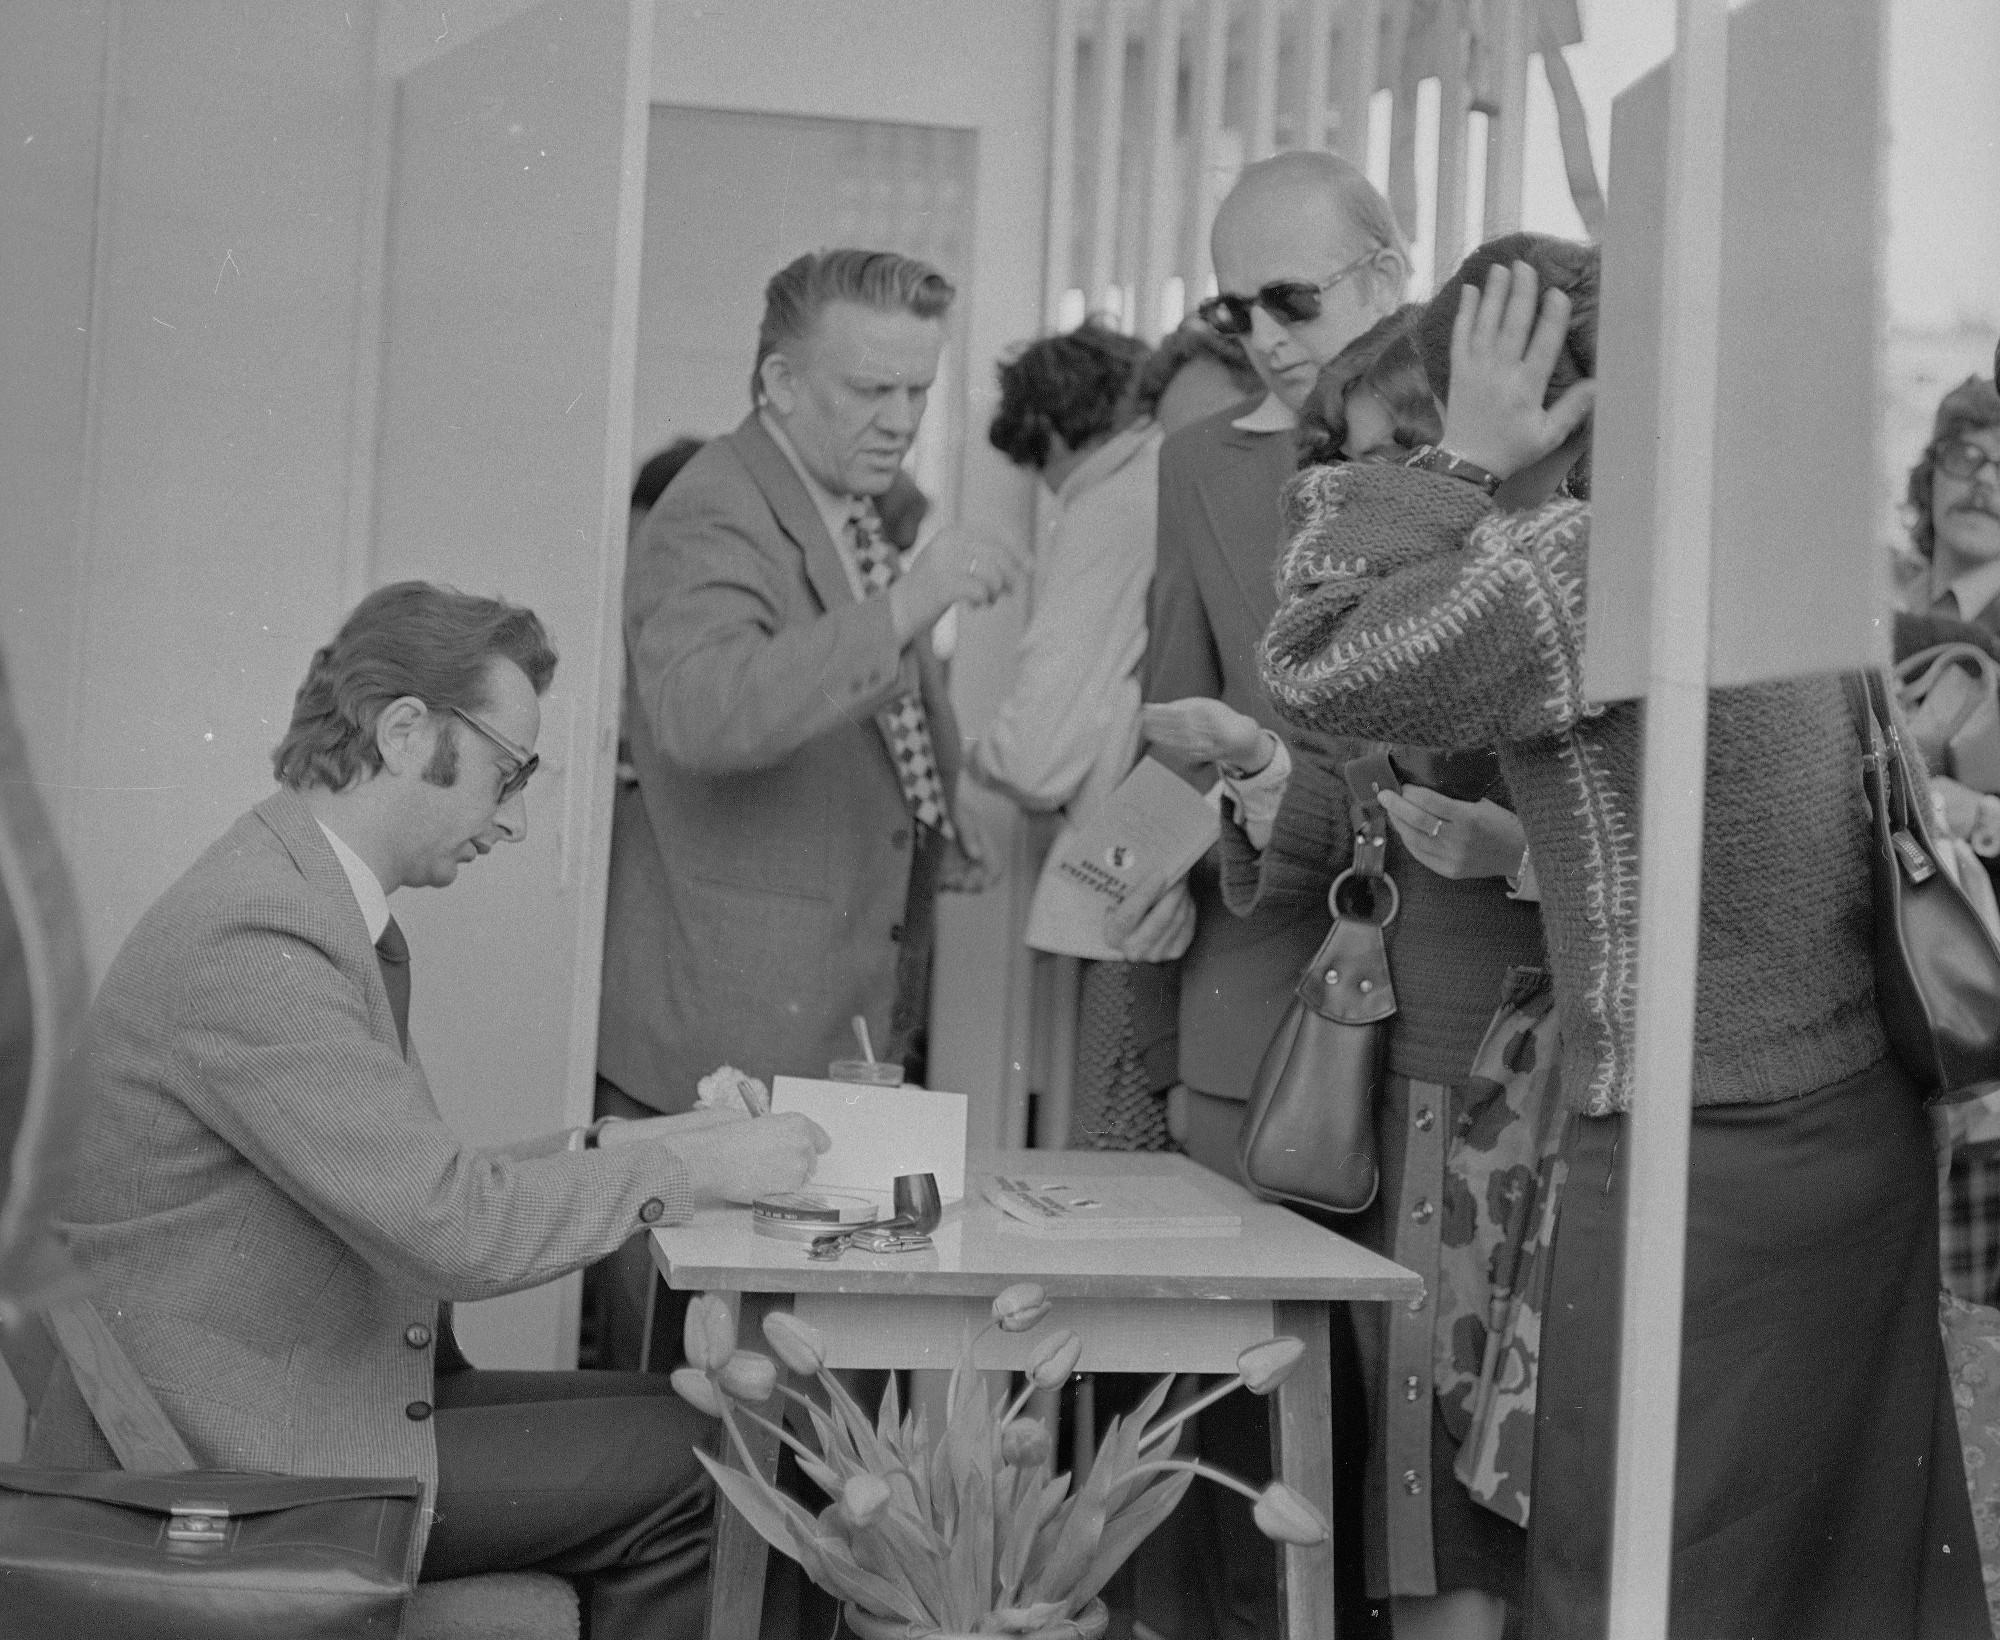 Zbigniew Lew Starowicz podpisuje książkę 'Rodzina i dom. Seks trudny czy łatwy'. Kiermasz książek przed Pałacem Kultury i Nauki w Warszawie podczas Dni Oświaty, Książki i Prasy, 1980 r. (fot. Narodowe Archiwum Cyfrowe)